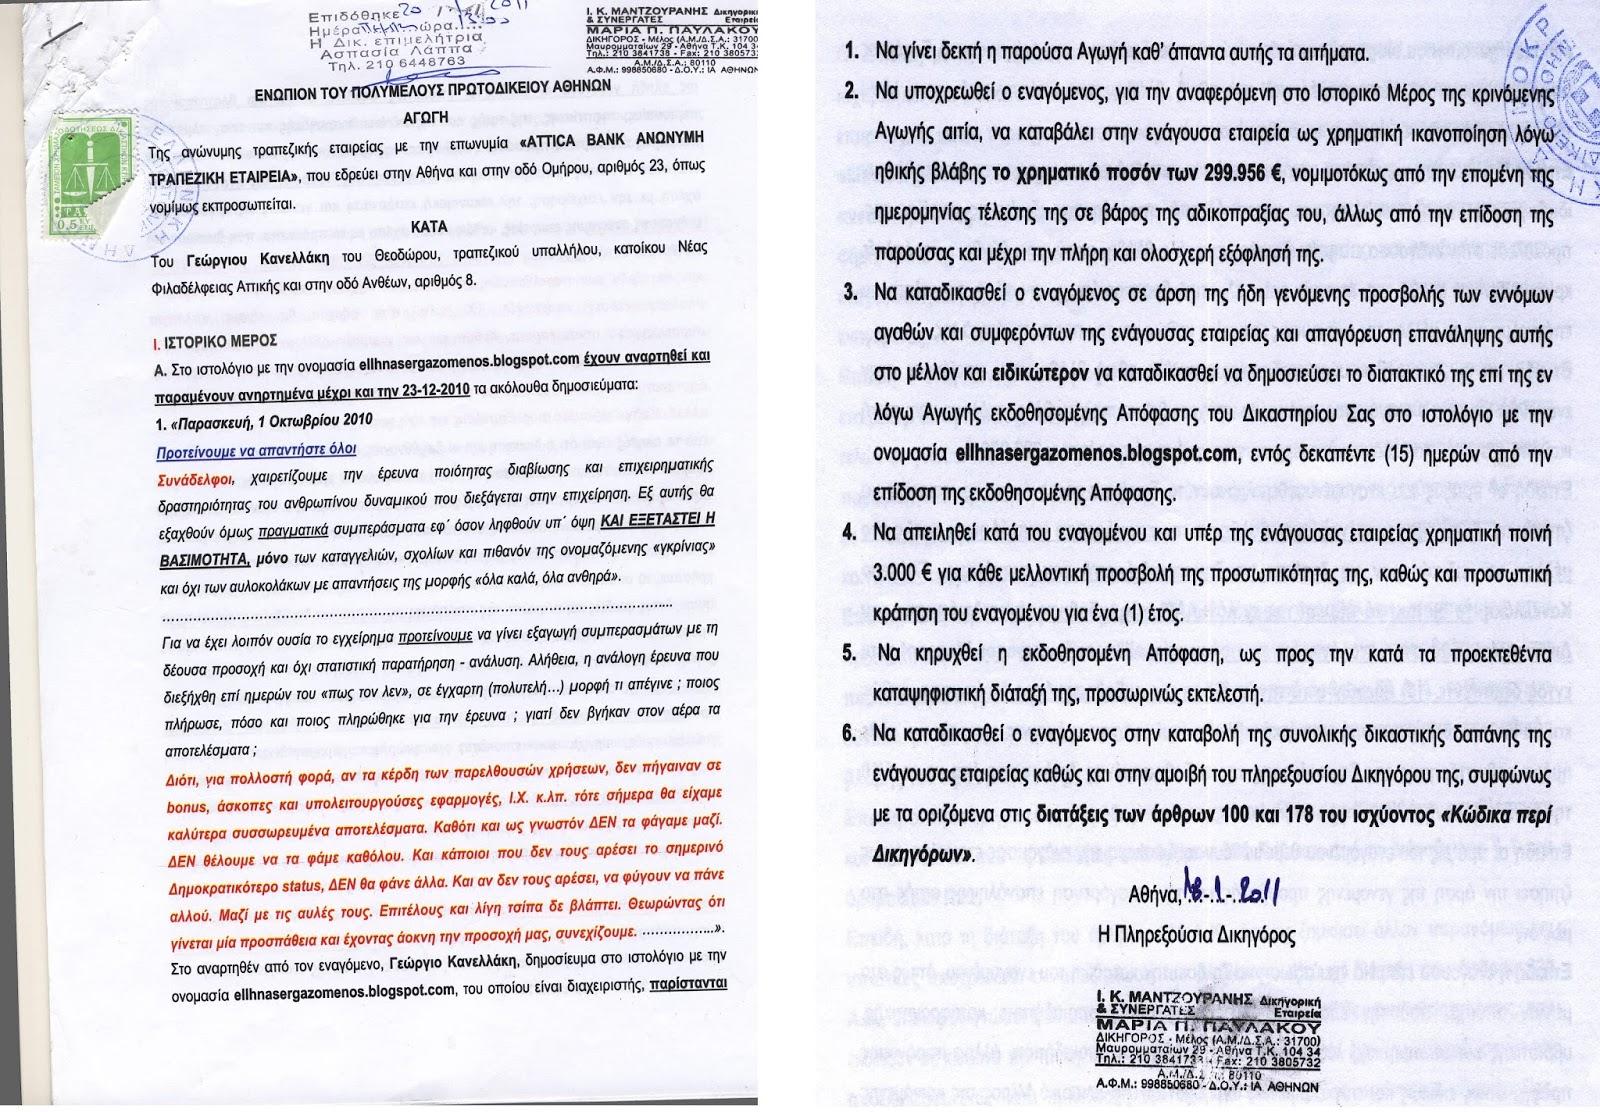 Δείτε με ποιο τρόπο η Attica bank μου ζητά 703.624,79 €